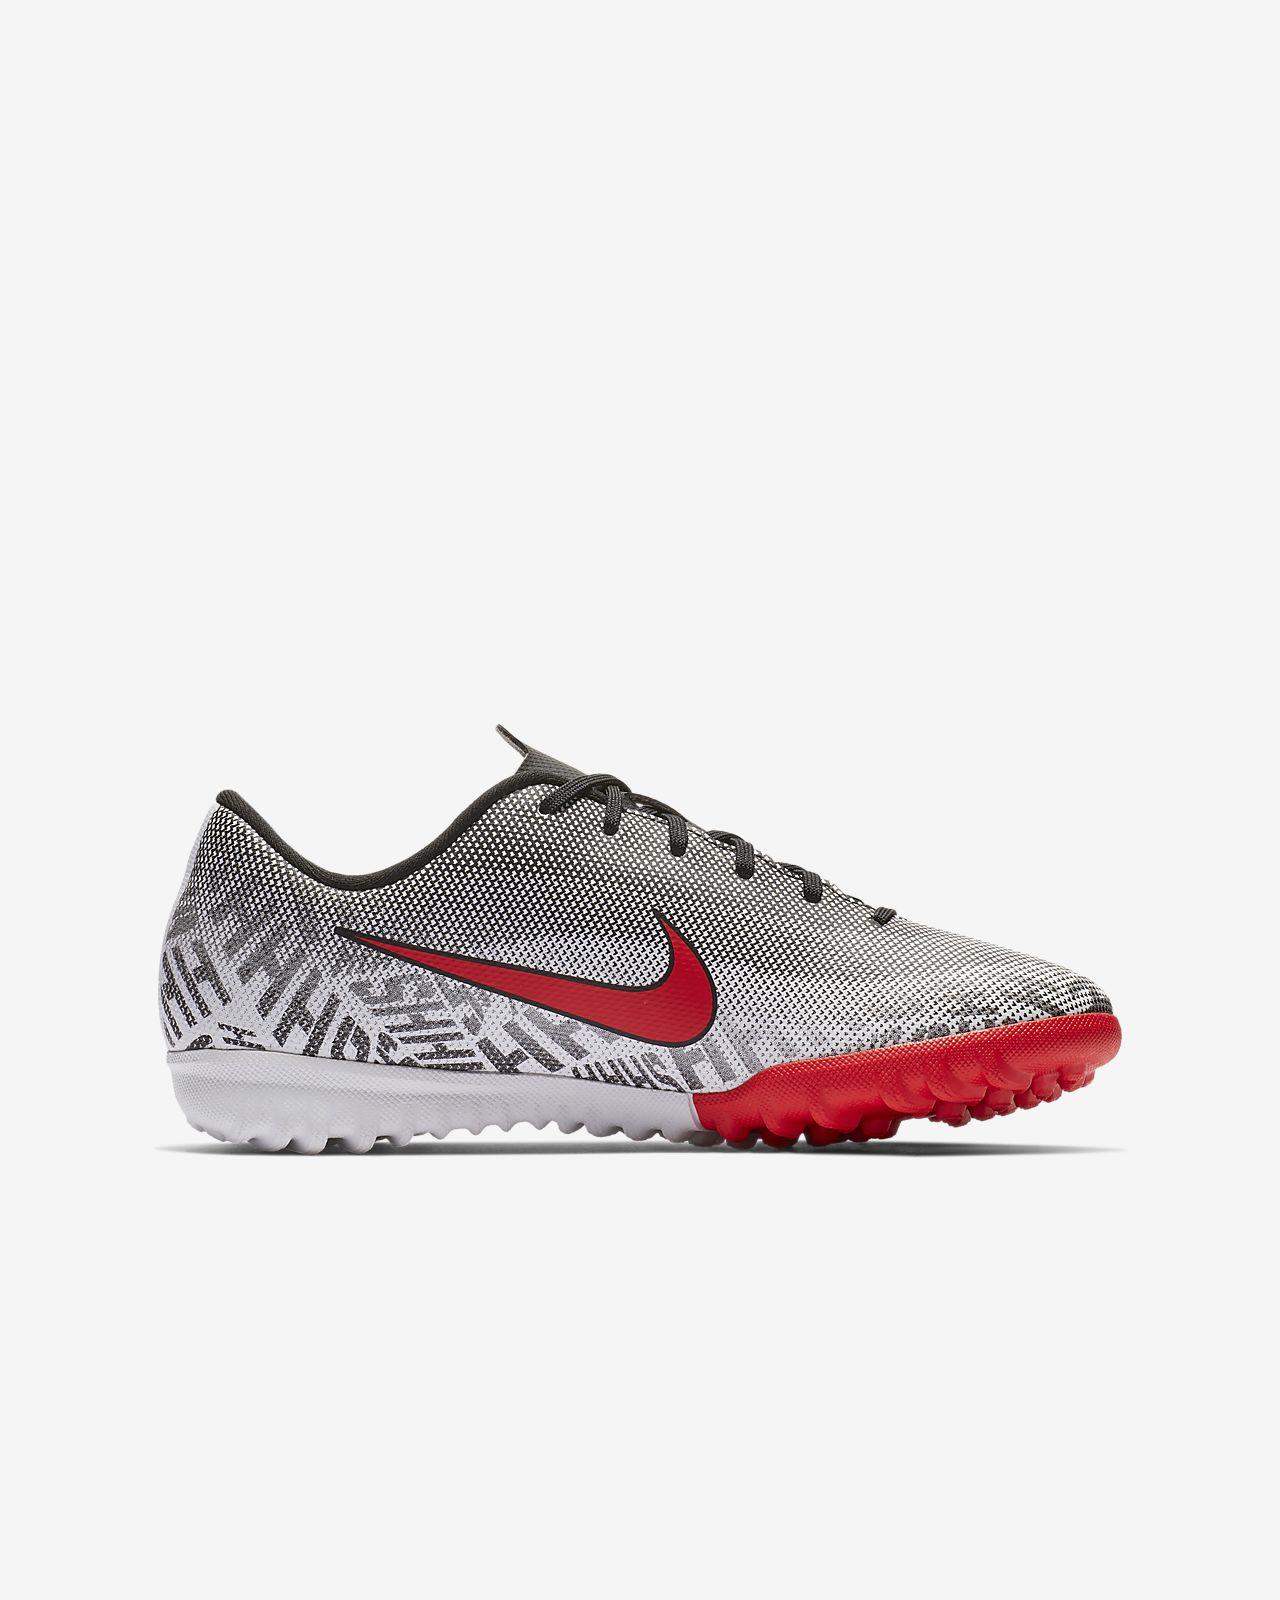 separation shoes bcf59 ba1dd ... Fotbollssko för grus turf Nike Jr. Mercurial Vapor XII Academy Neymar  Jr för barn